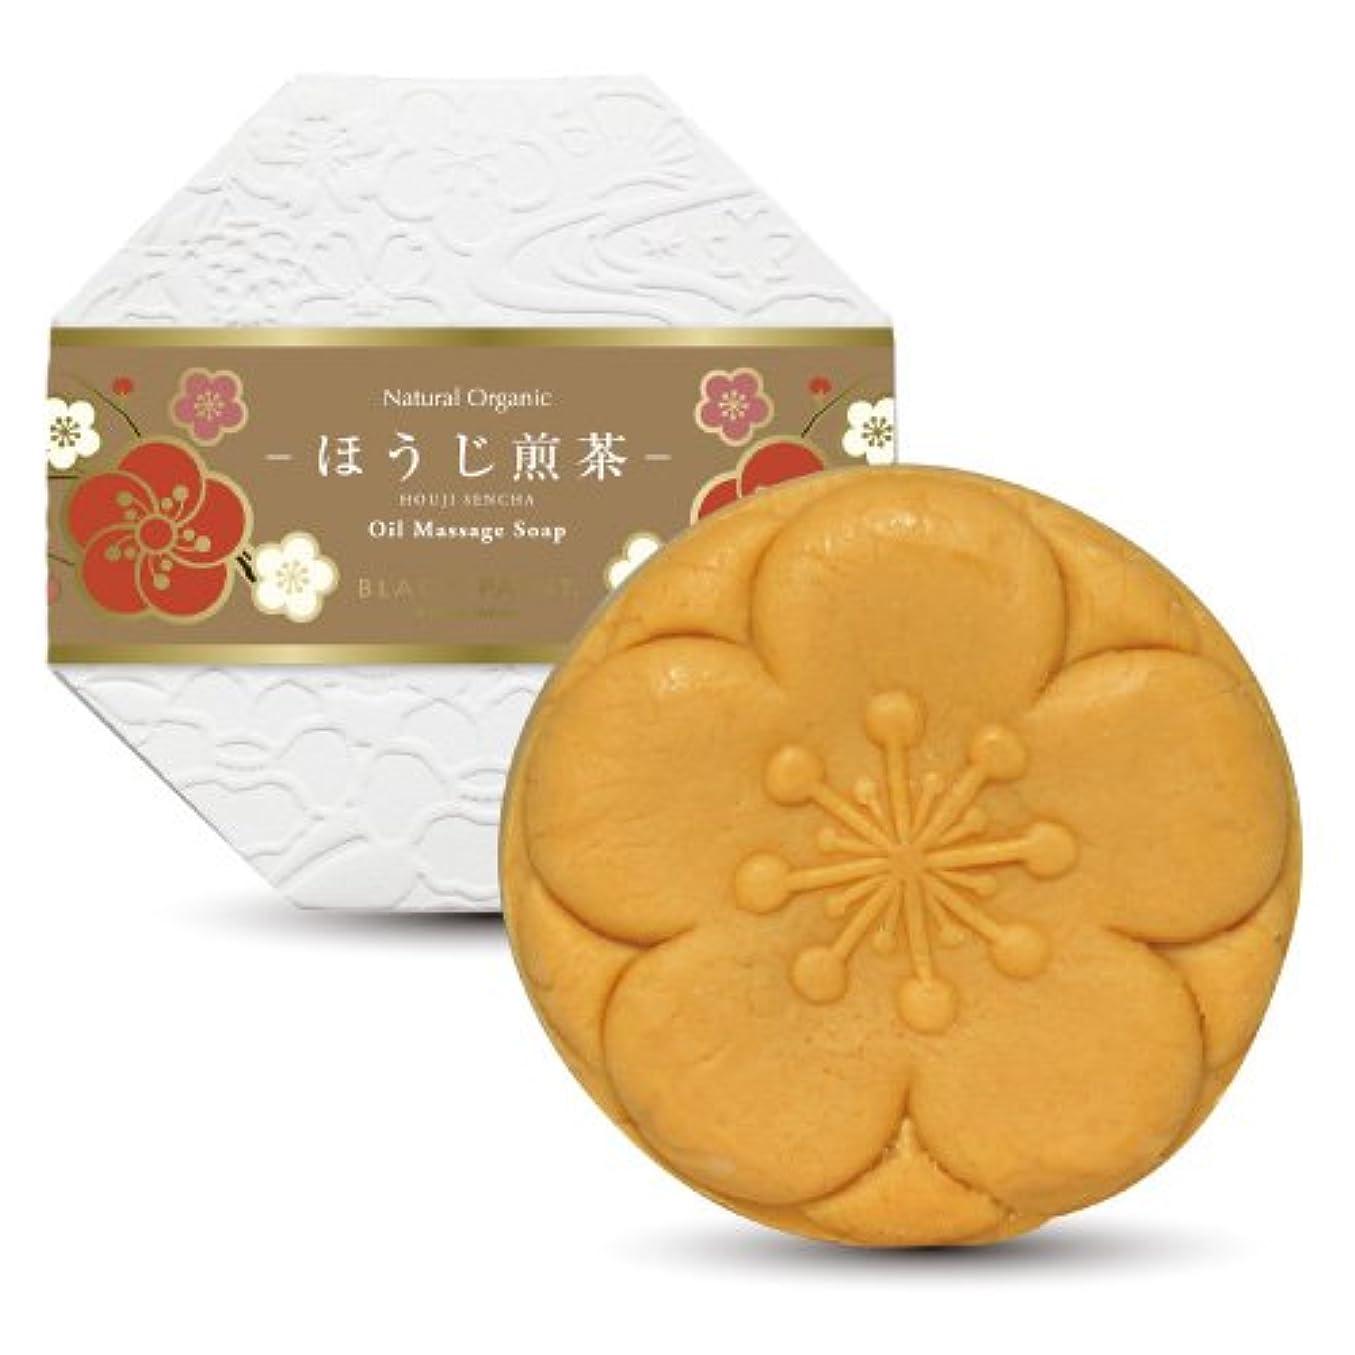 まろやかな農夫スーパーマーケット京のお茶石鹸 ほうじ煎茶 120g 塗る石鹸